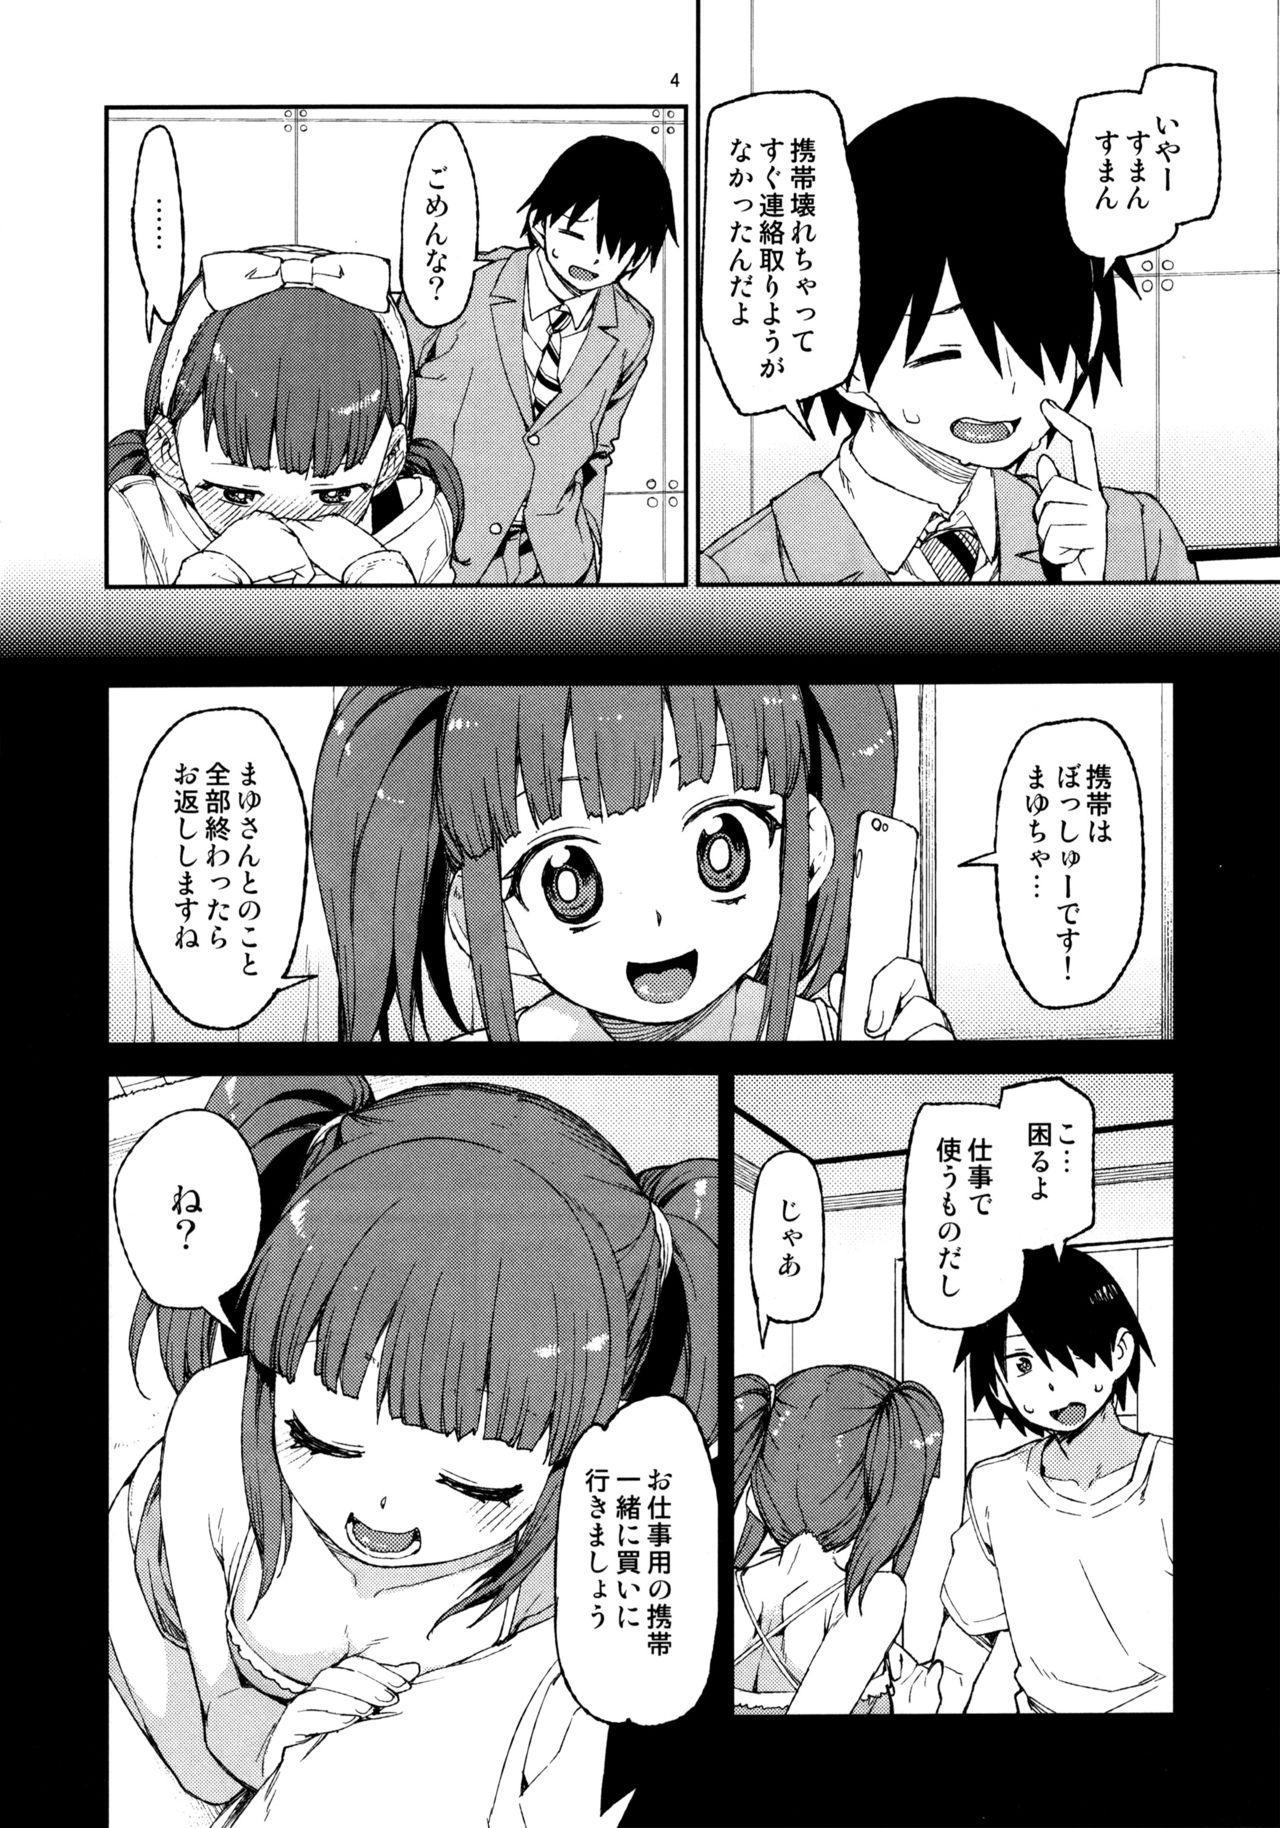 Sonna no Mayu ni wa Wakarimasen 4